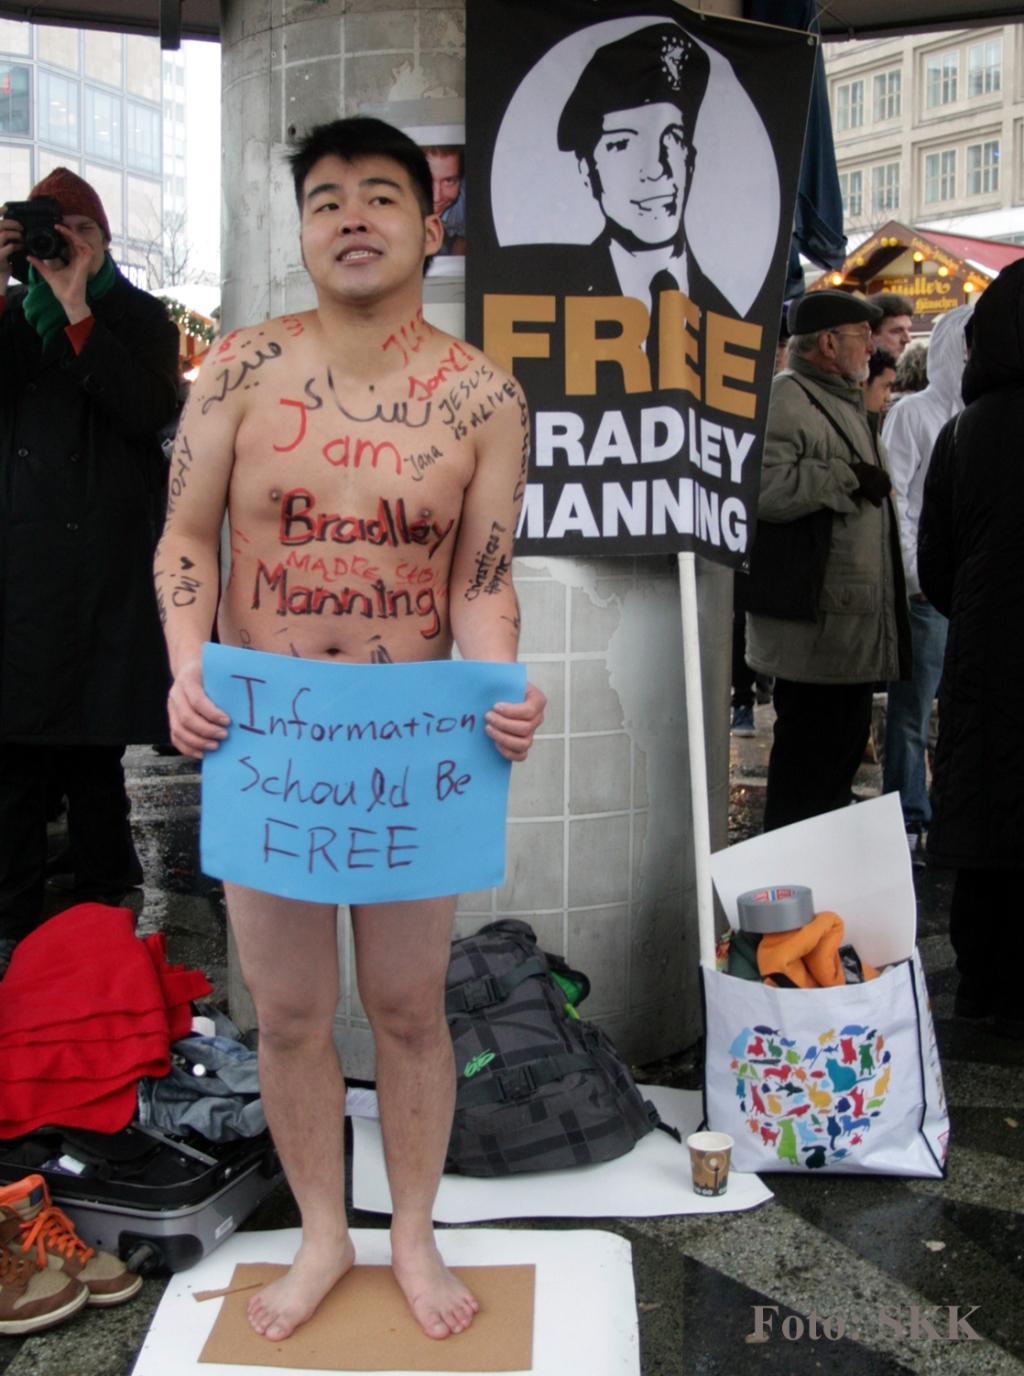 Jason Búo-Shù Huang an der Weltzeituhr Berlin